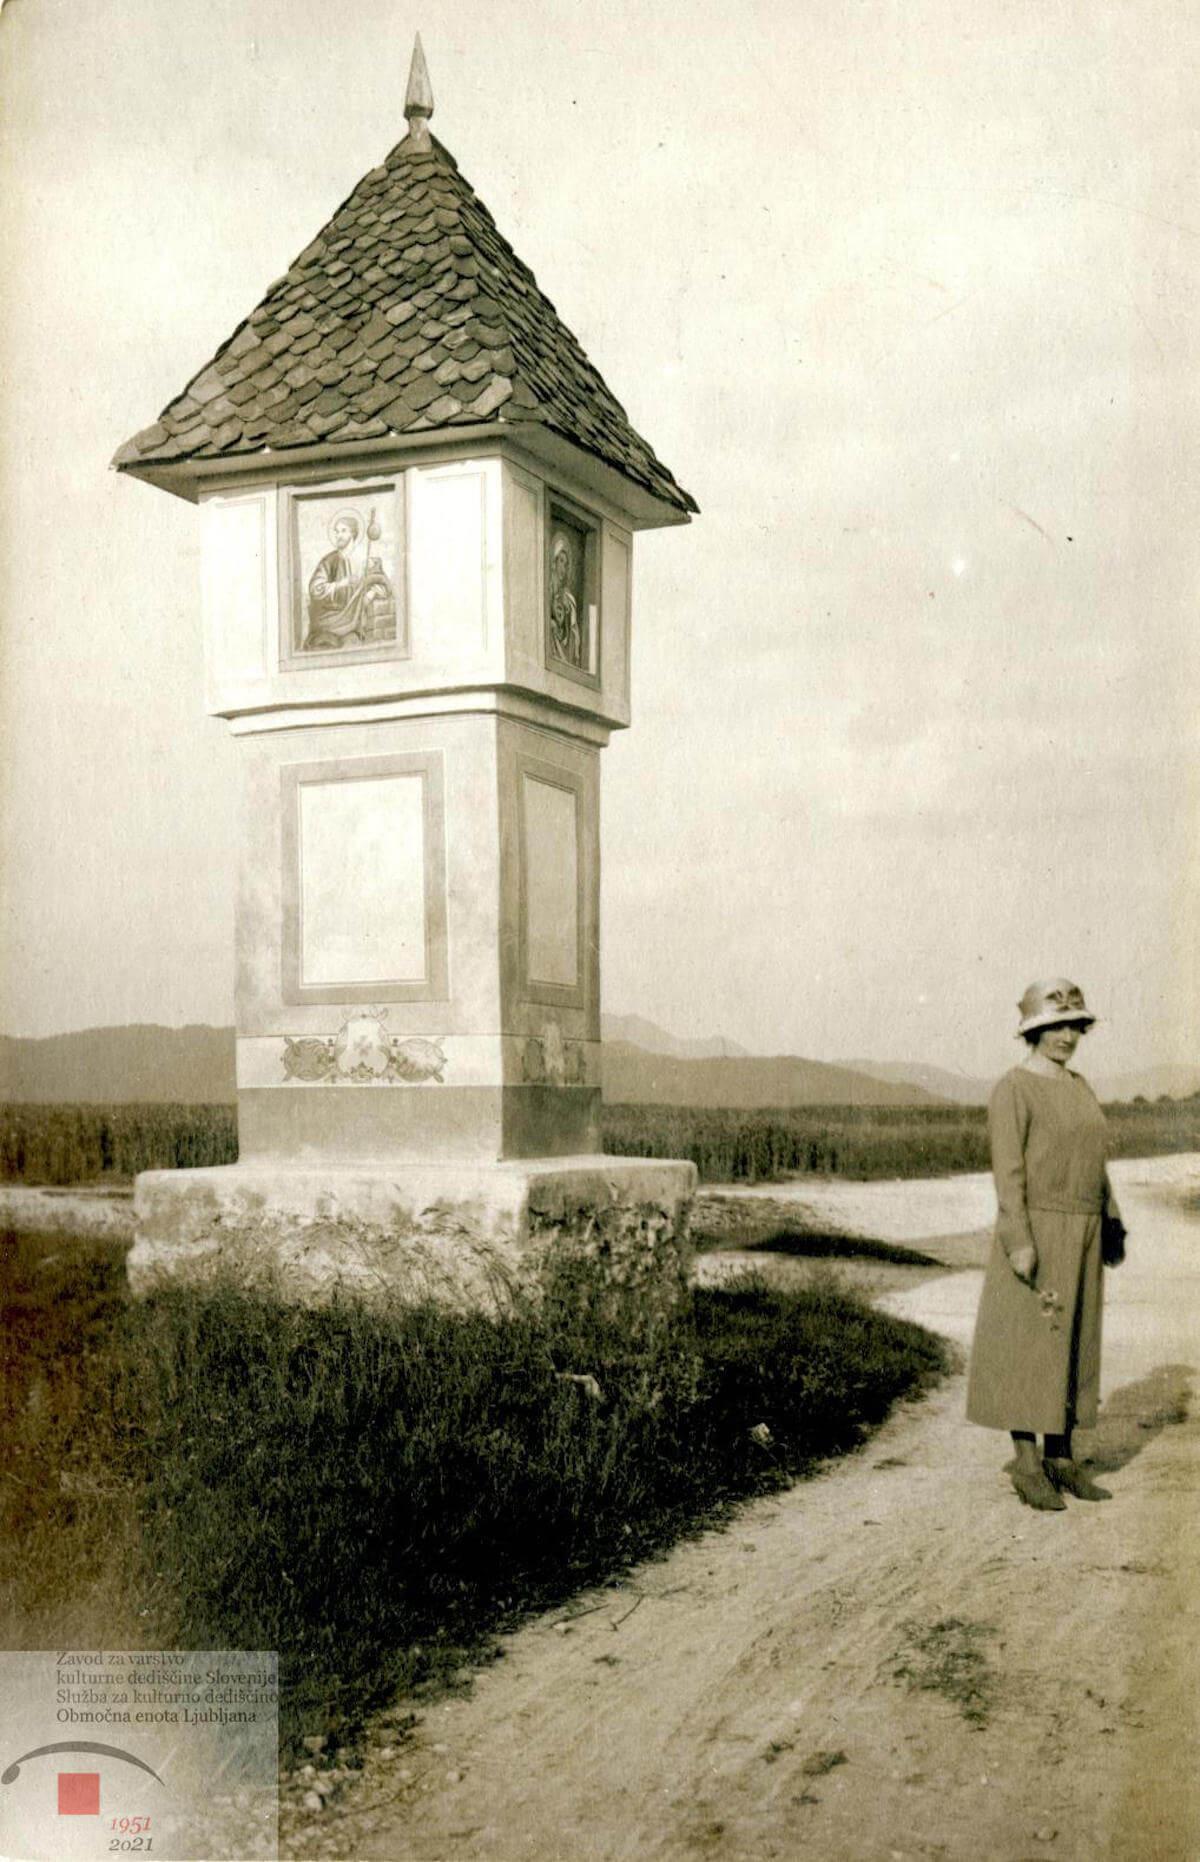 Fotografija Baročnega znamenja iz Šentjakoba iz leta 1923